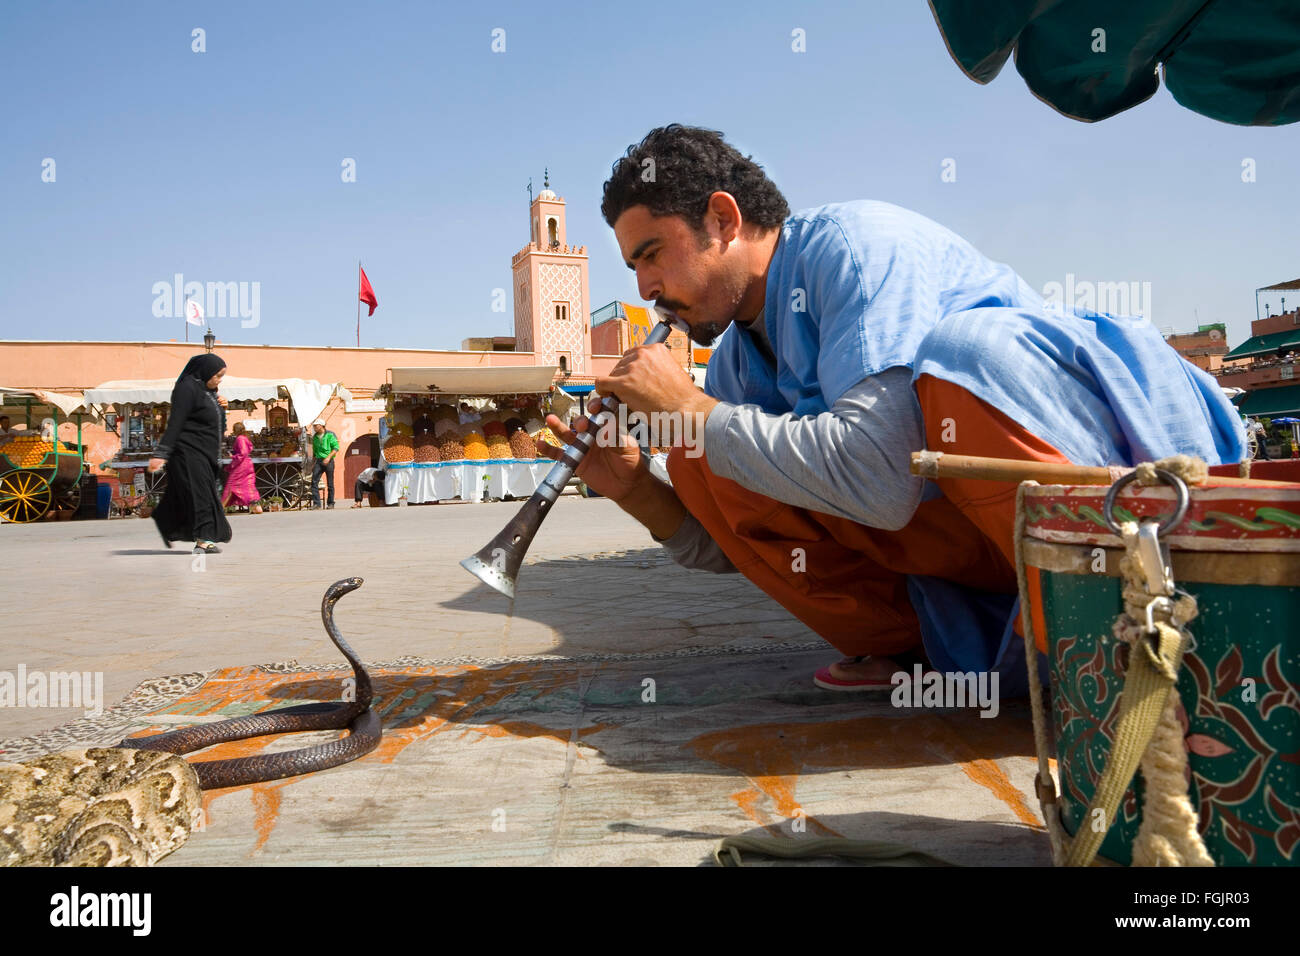 Snake Charmer  in Jemaa El Fna Square in Marrakech - Stock Image